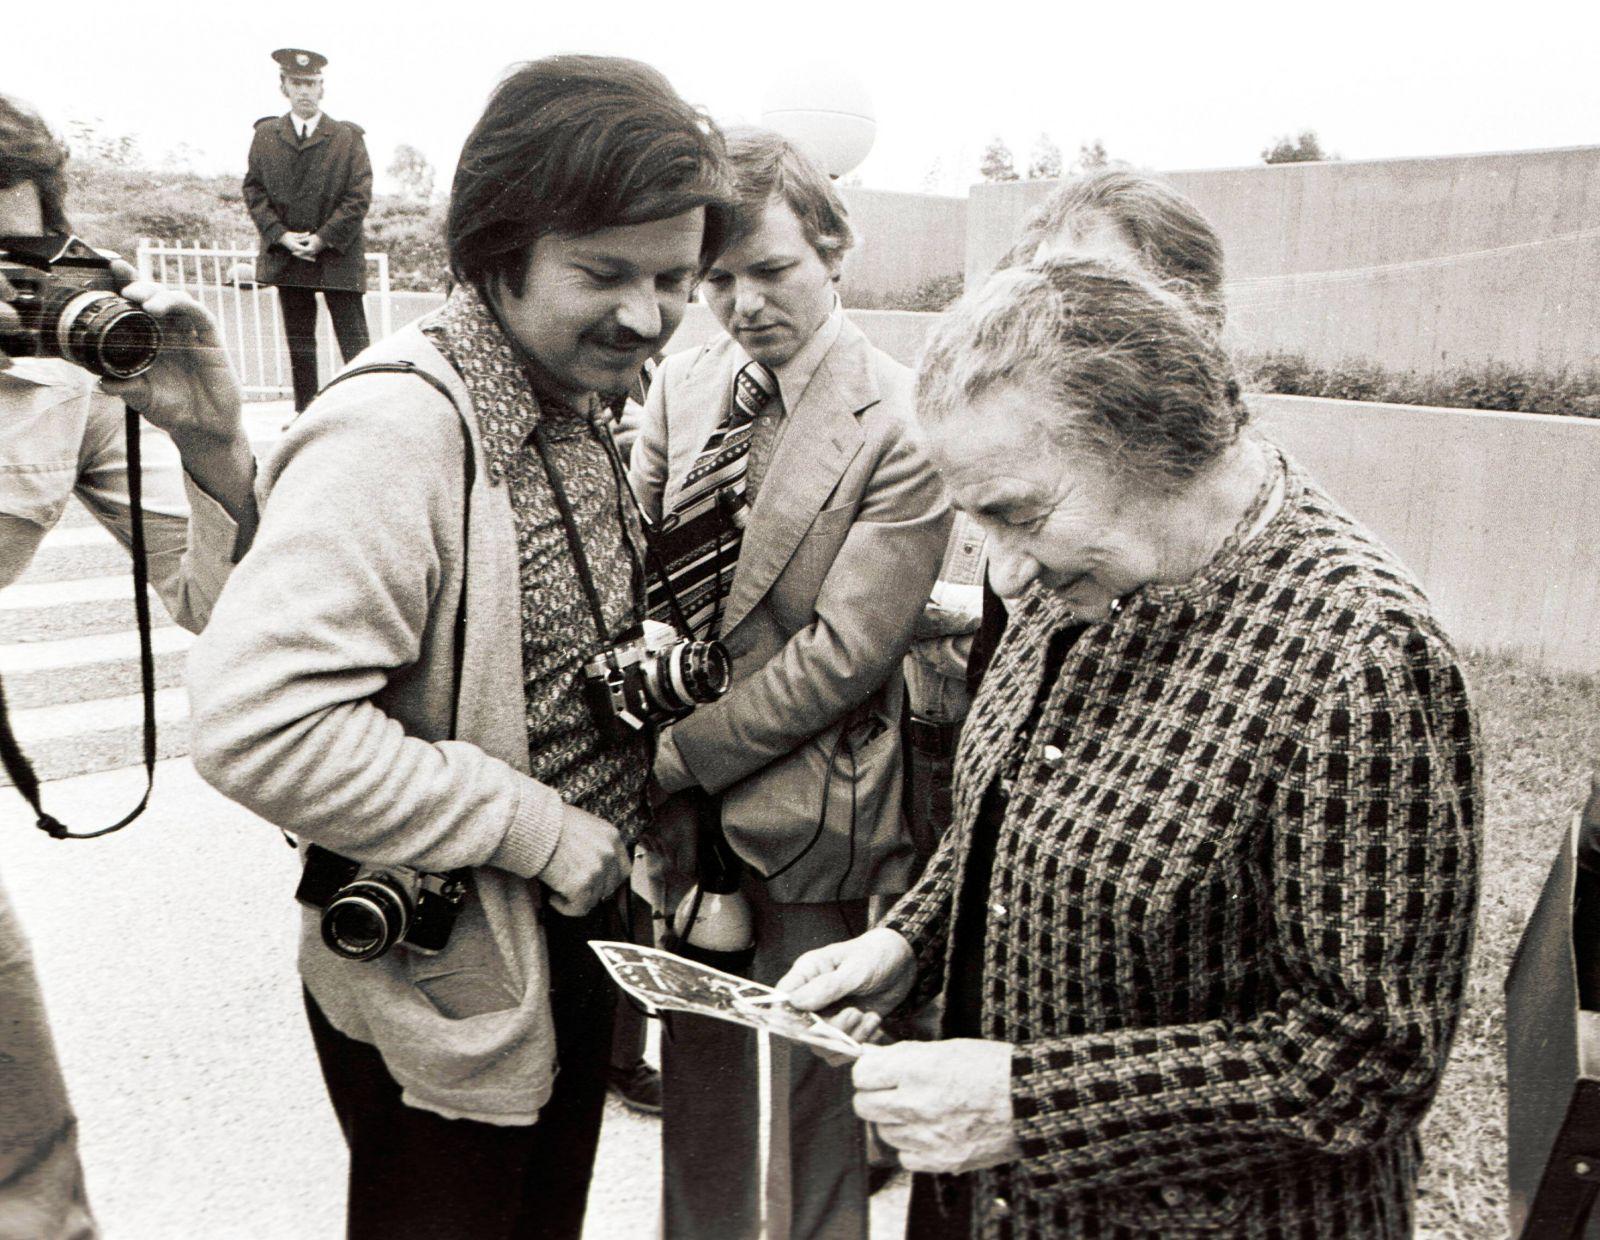 מילנר עם גולדה מאיר, 1976 (צילום: ישראל סימיונסקי, ישראל סאן)